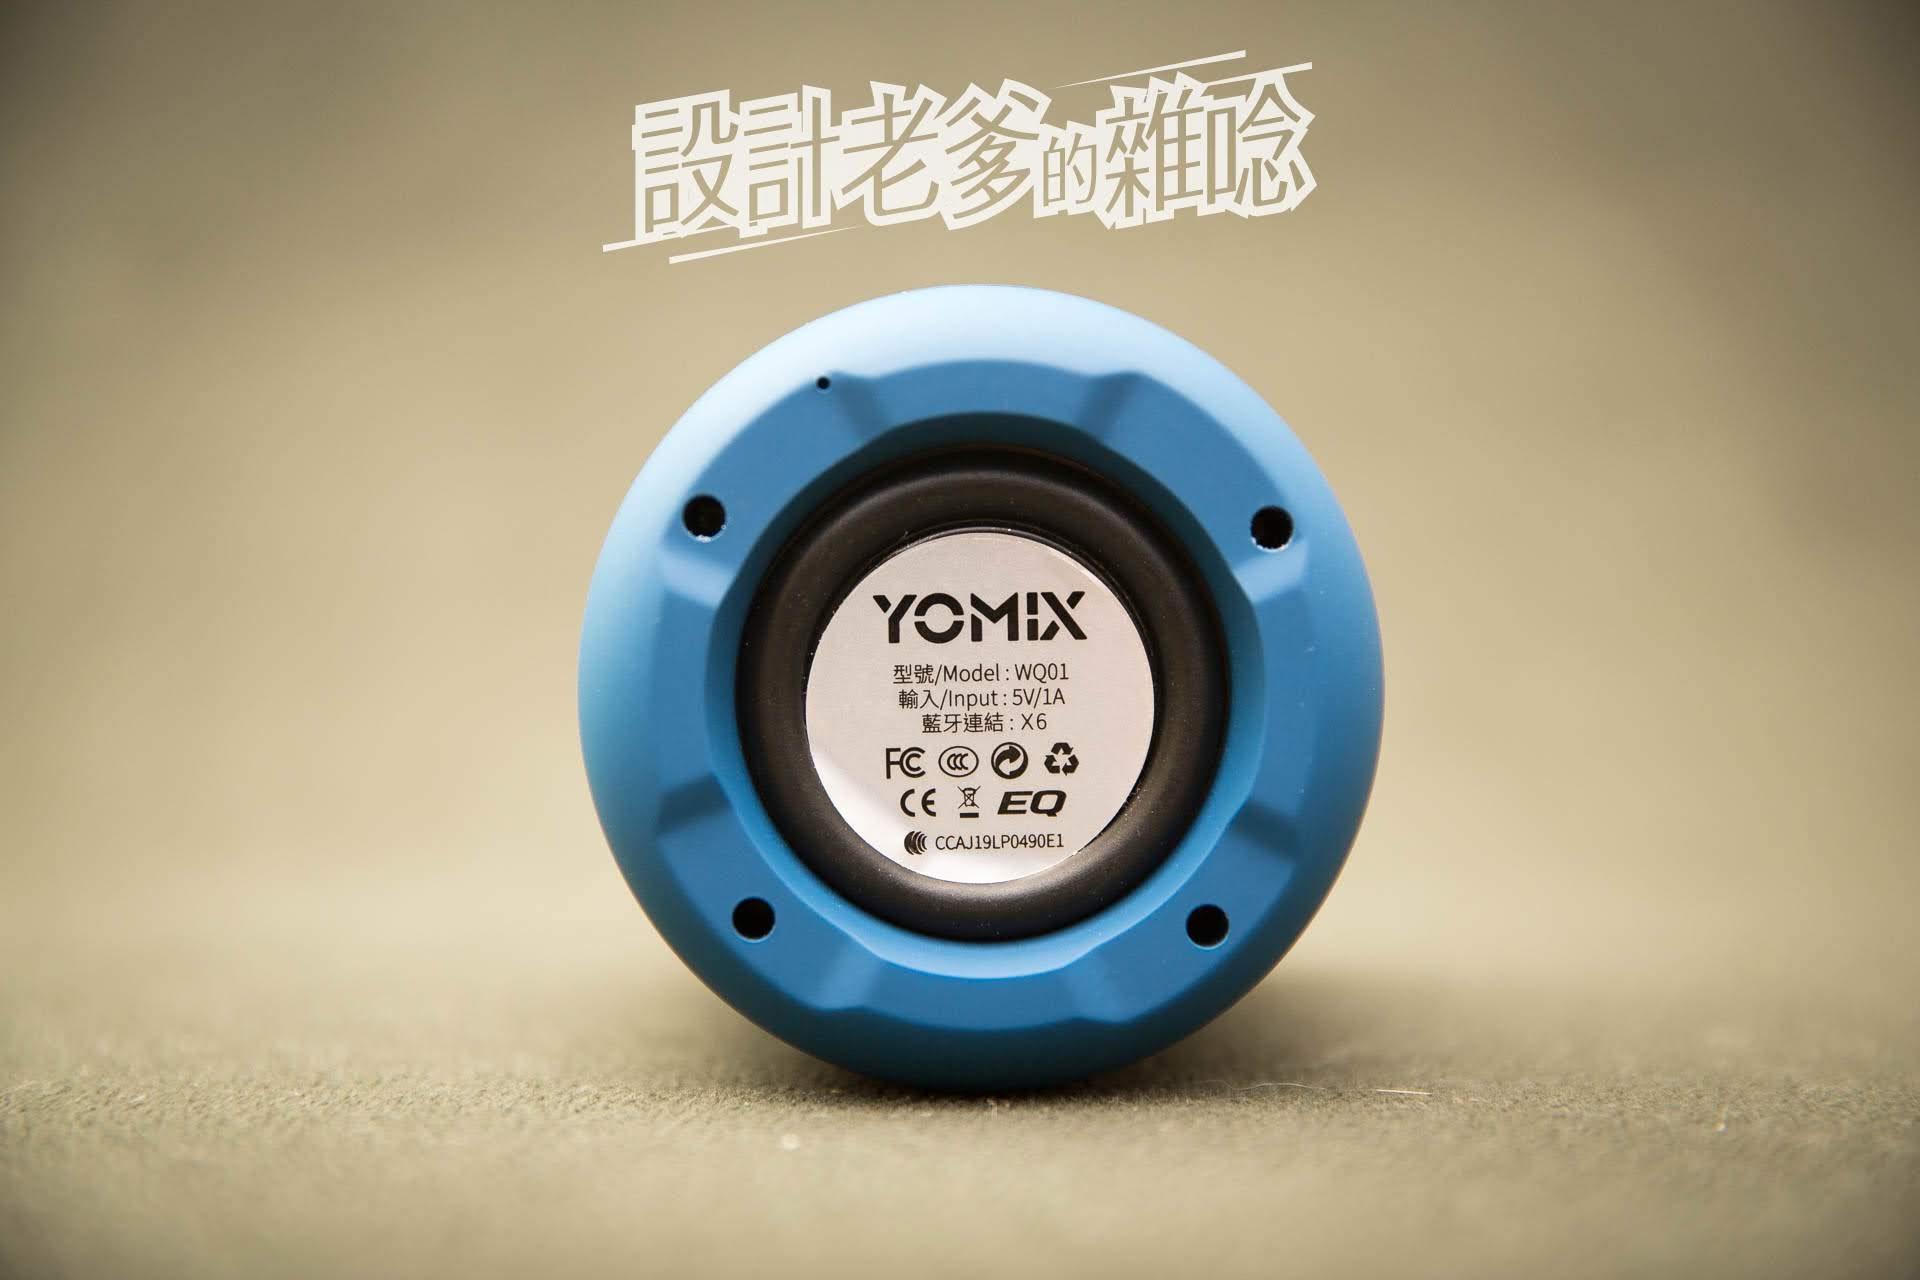 YOMIX優迷 重低音防水攜帶式藍牙喇叭...隨我上天下海到處走吧!